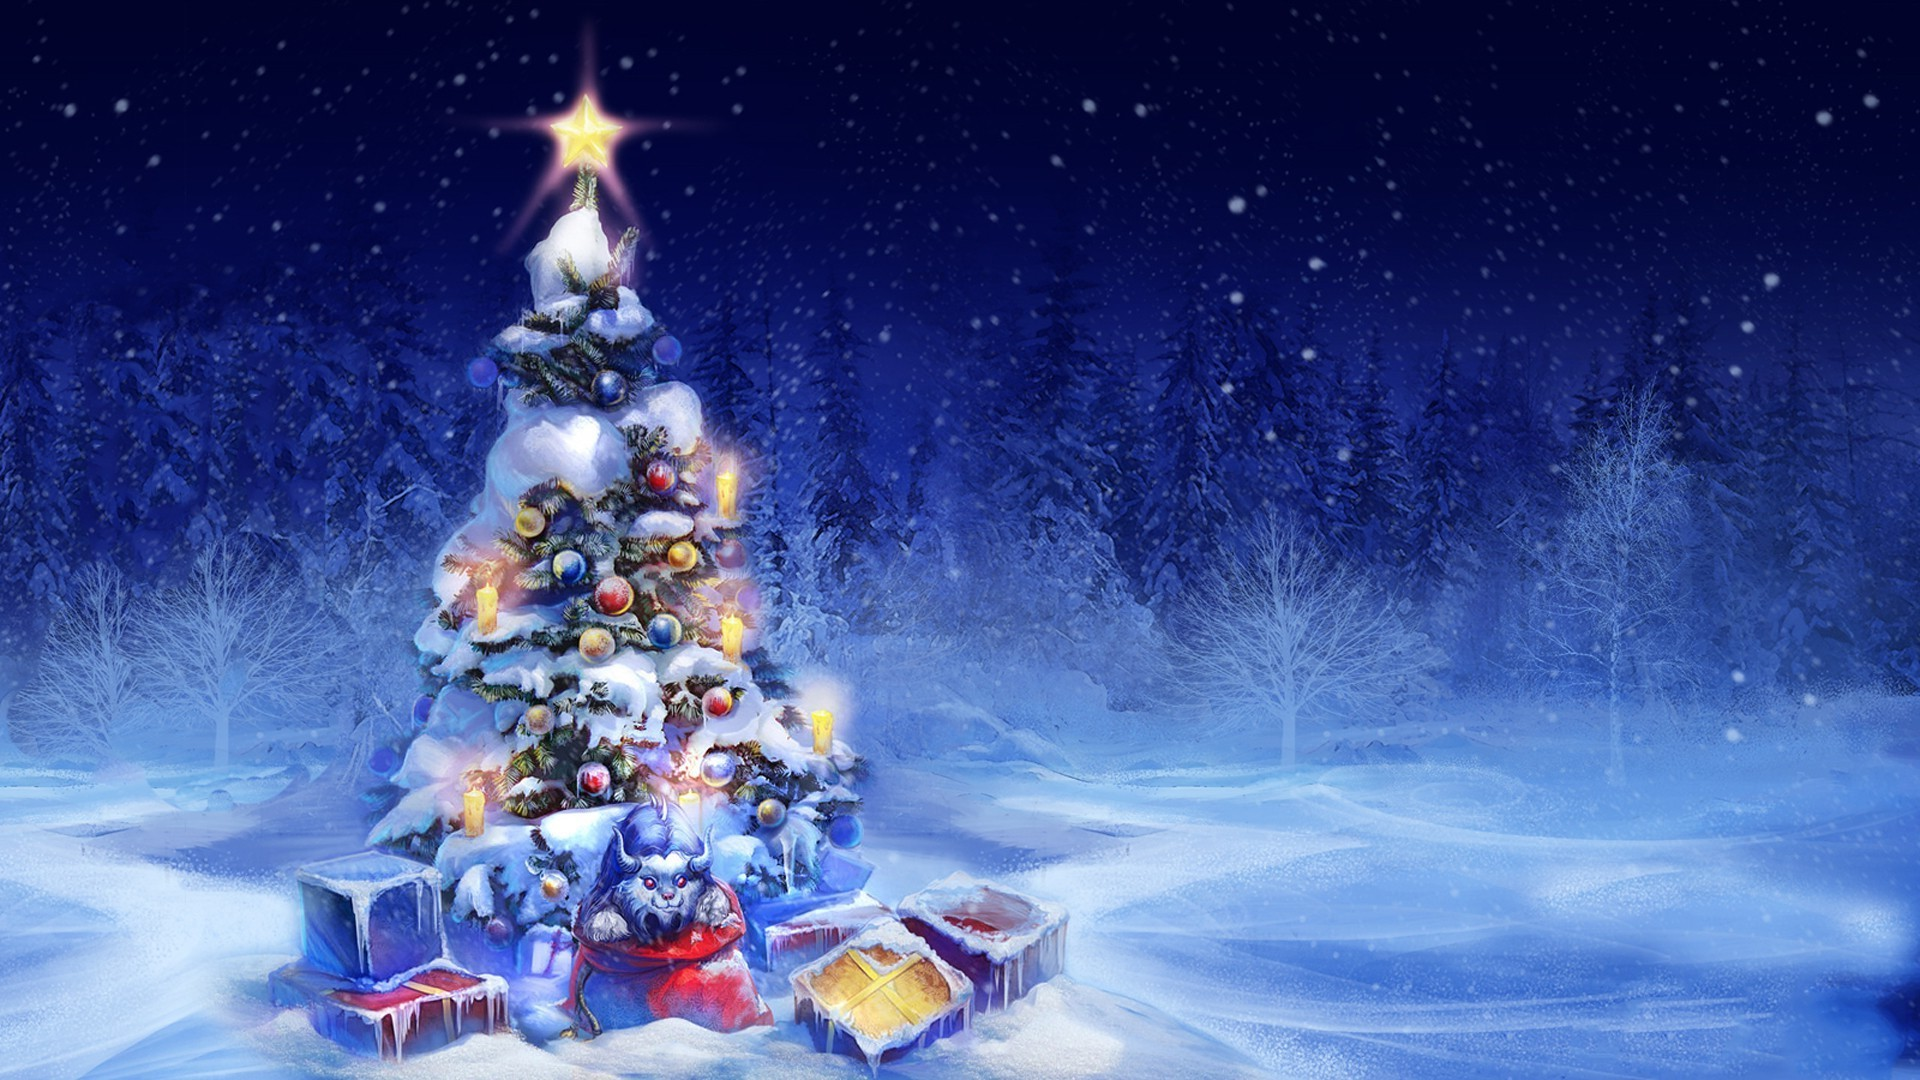 Новогодняя елка в лесу - скачать обои ...: million-wallpapers.ru/wallpaper/novogodnyaya-elka-v-lesu/id/48431